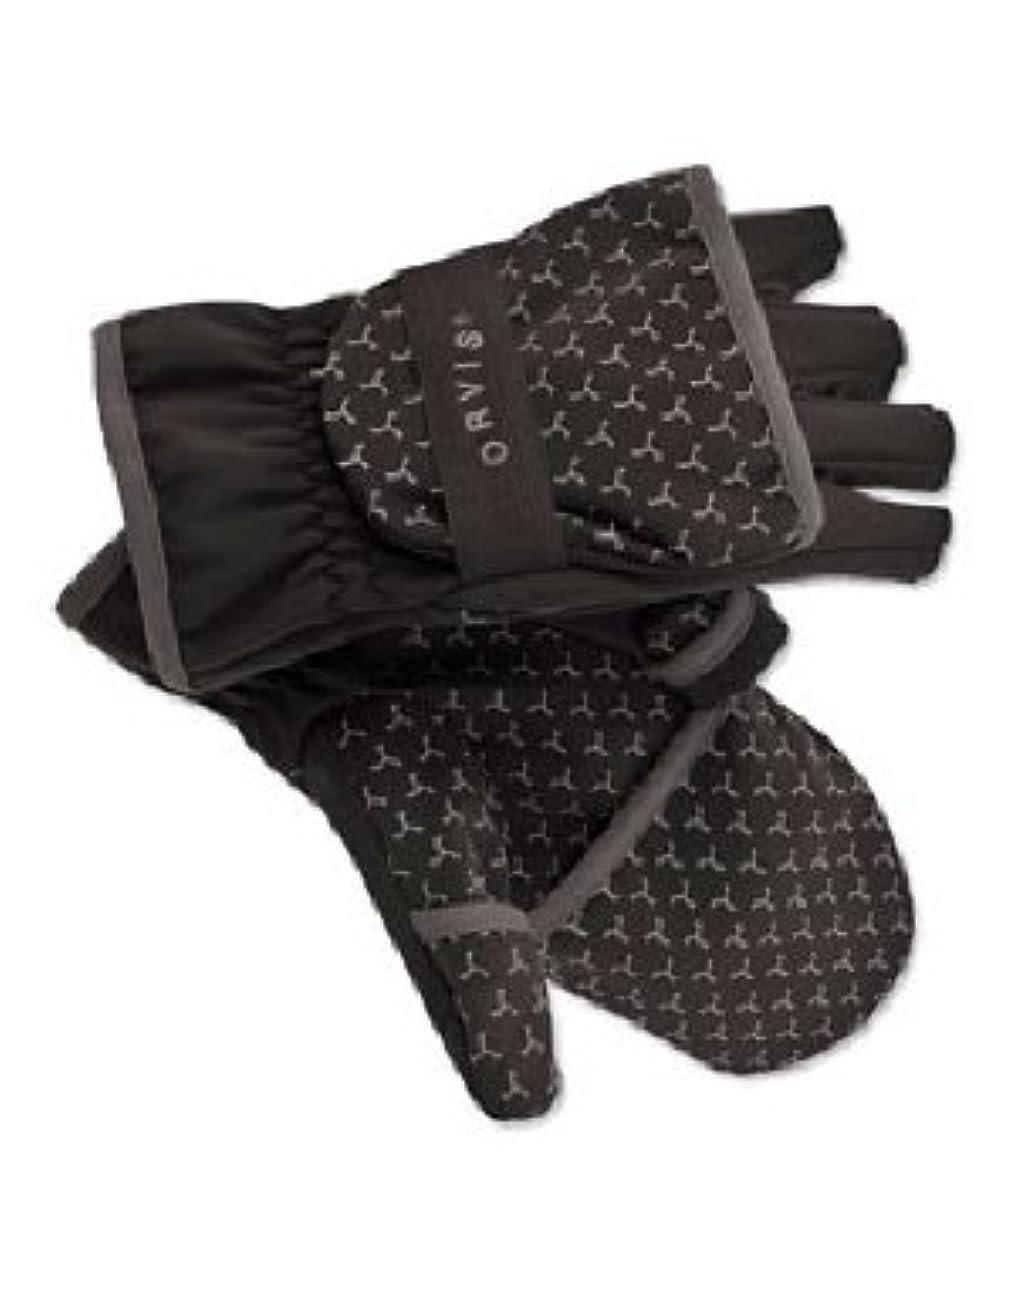 ガチョウ段階適切にオービスソフトシェルFoldover指なし手袋:サイズSmall